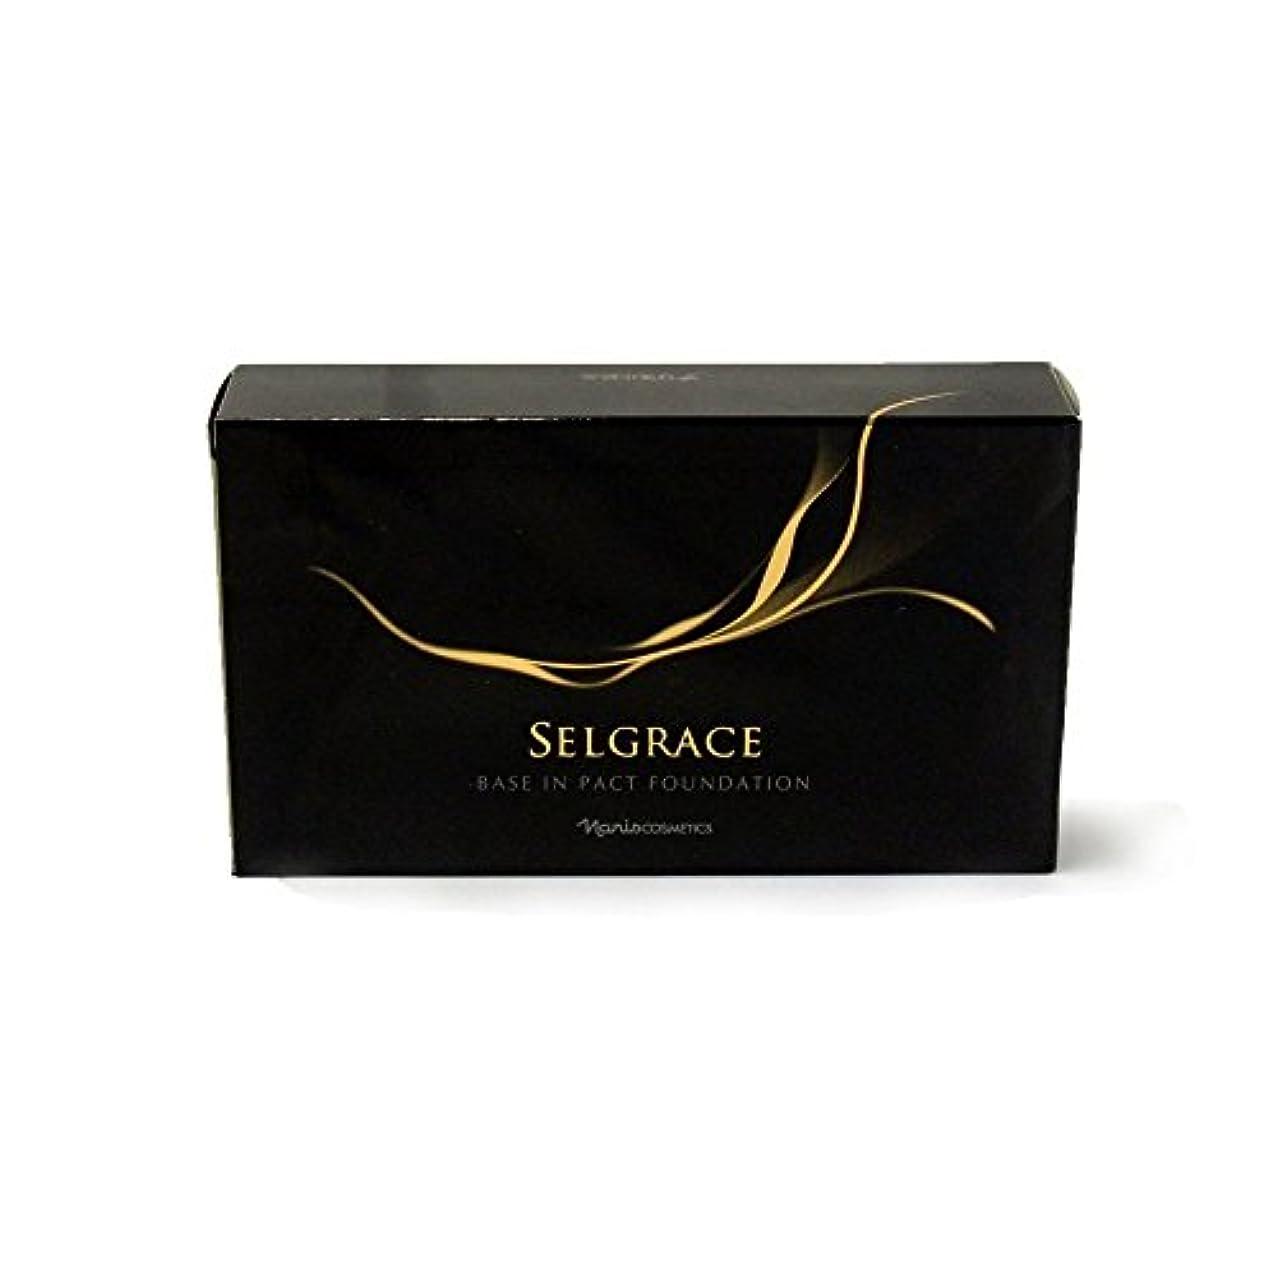 チャールズキージングやる最大限ナリス化粧品 セルグレース ベースインパクト ファンデーション 570 ダークベージュ レフィル (スポンジ付き)